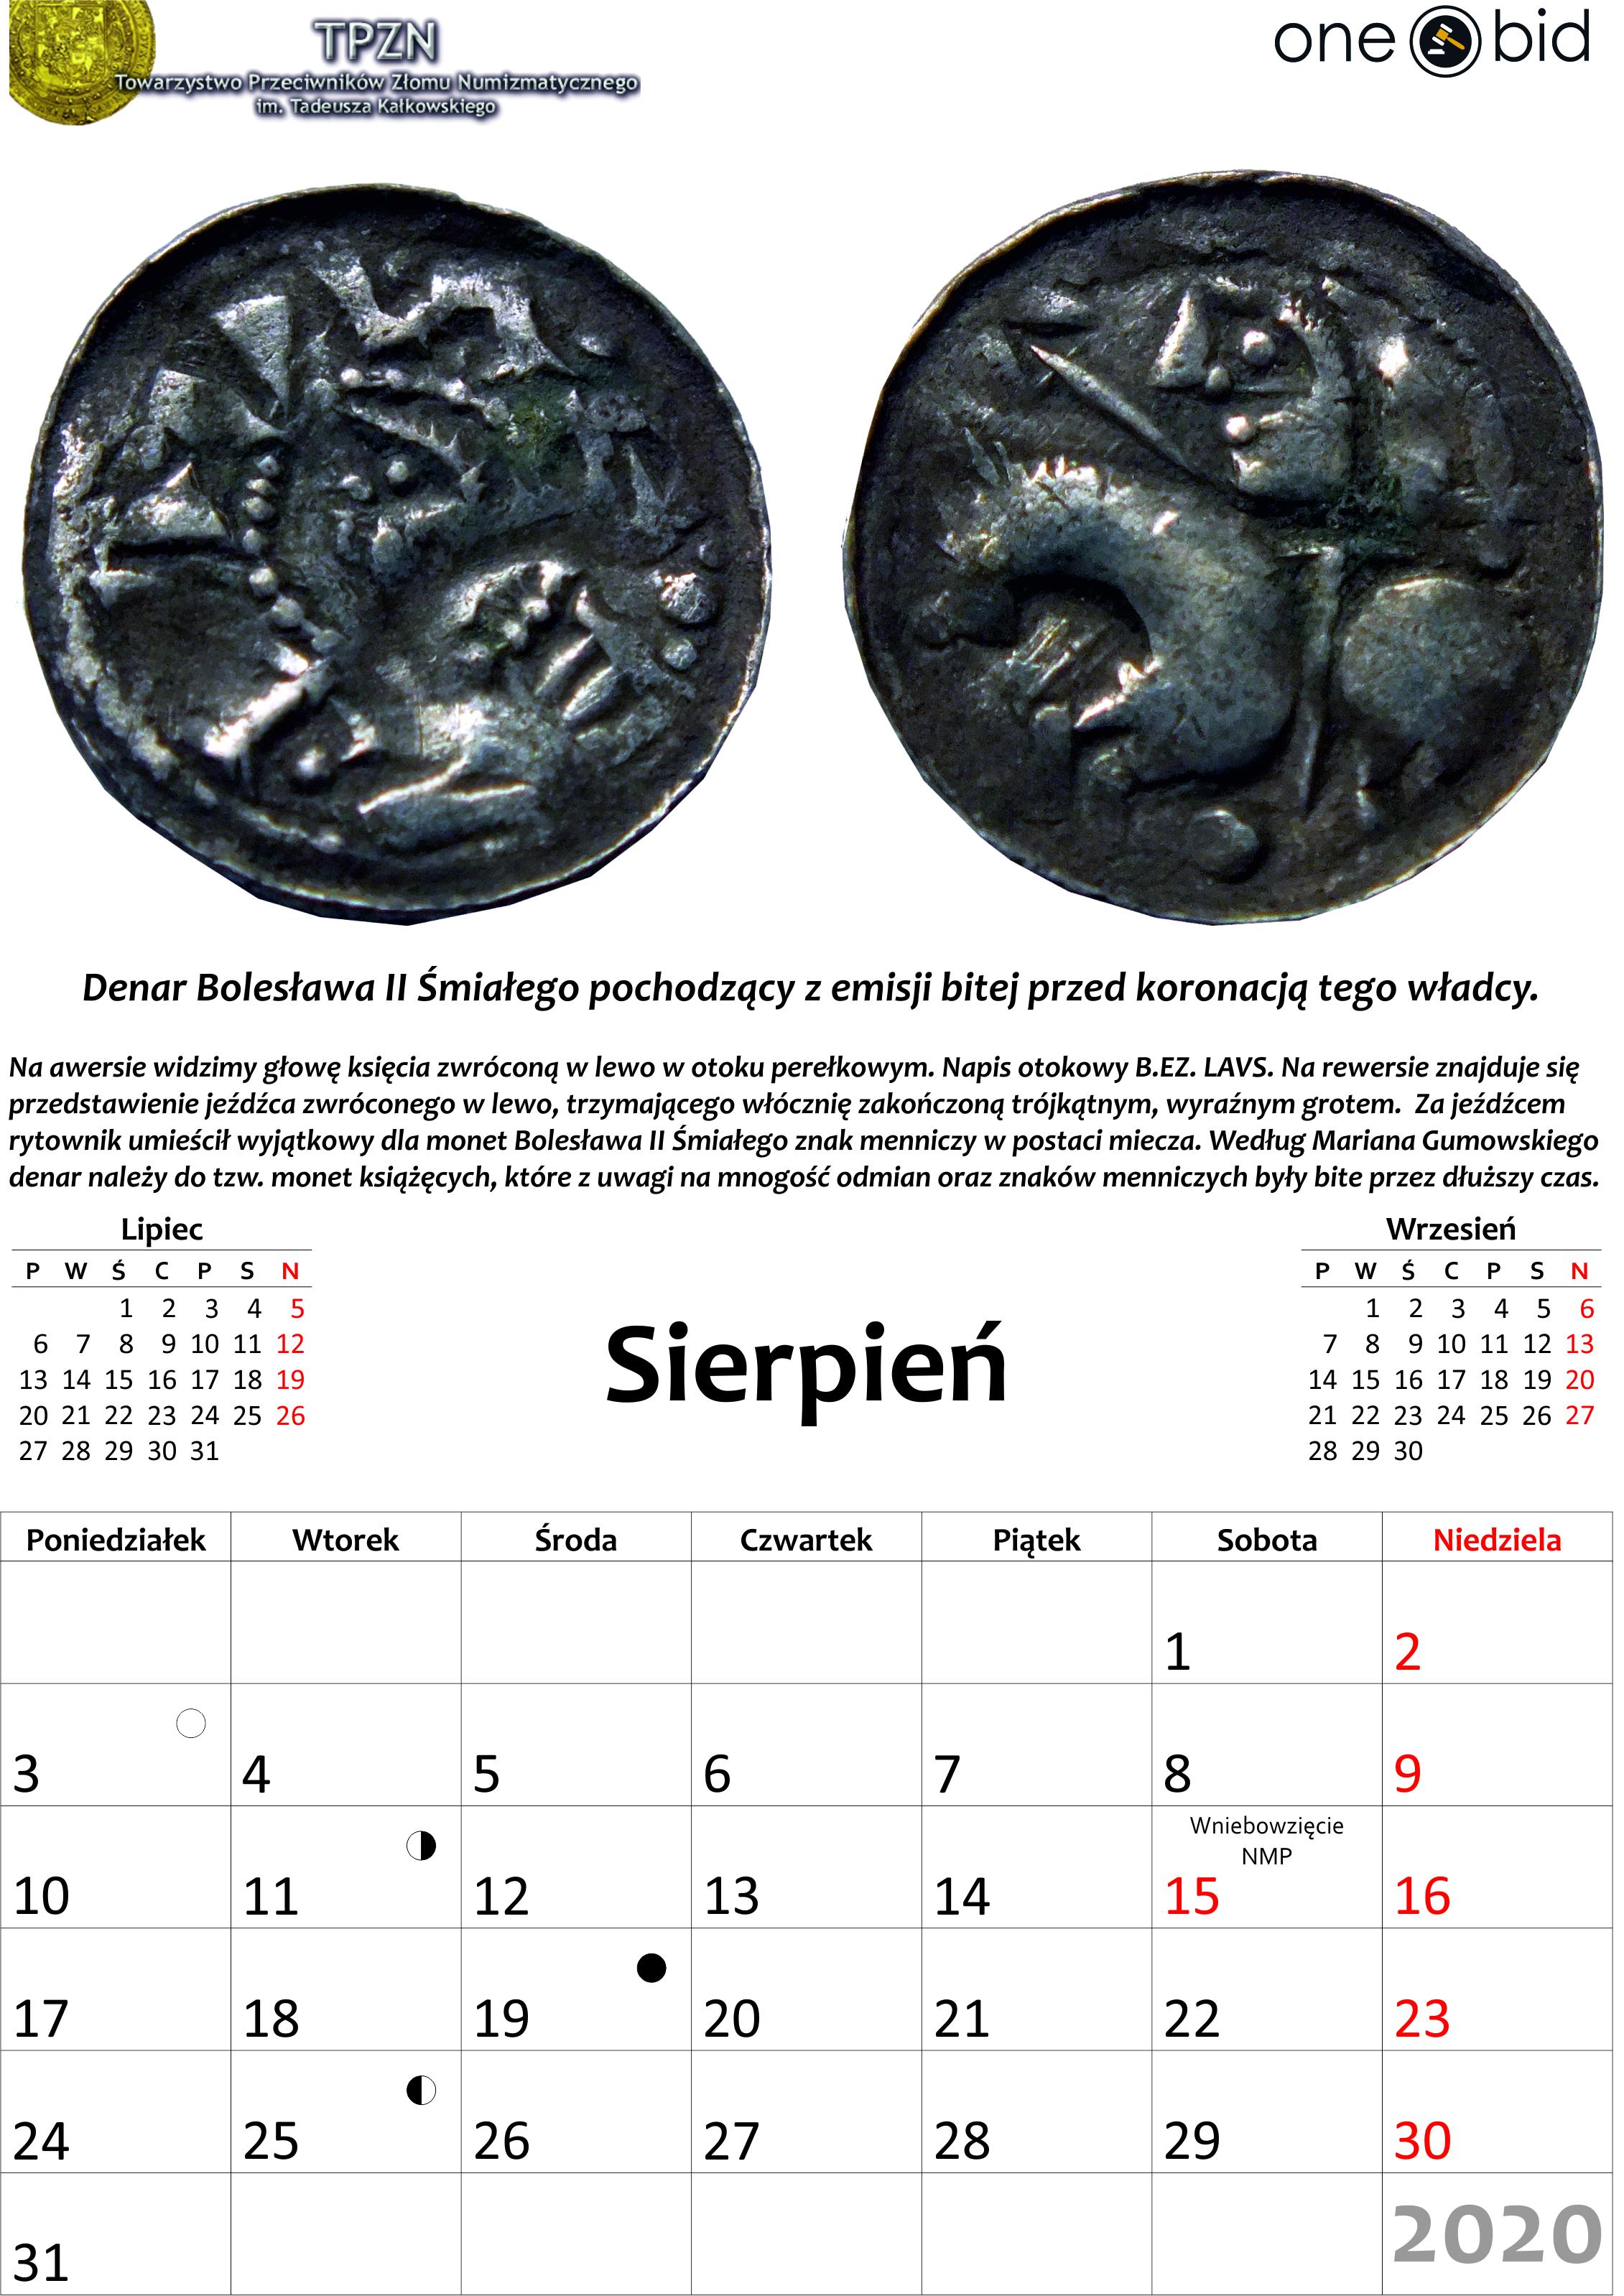 http://info.tpzn.pl/kalendarze/kalendarz2020/sierpien.jpg